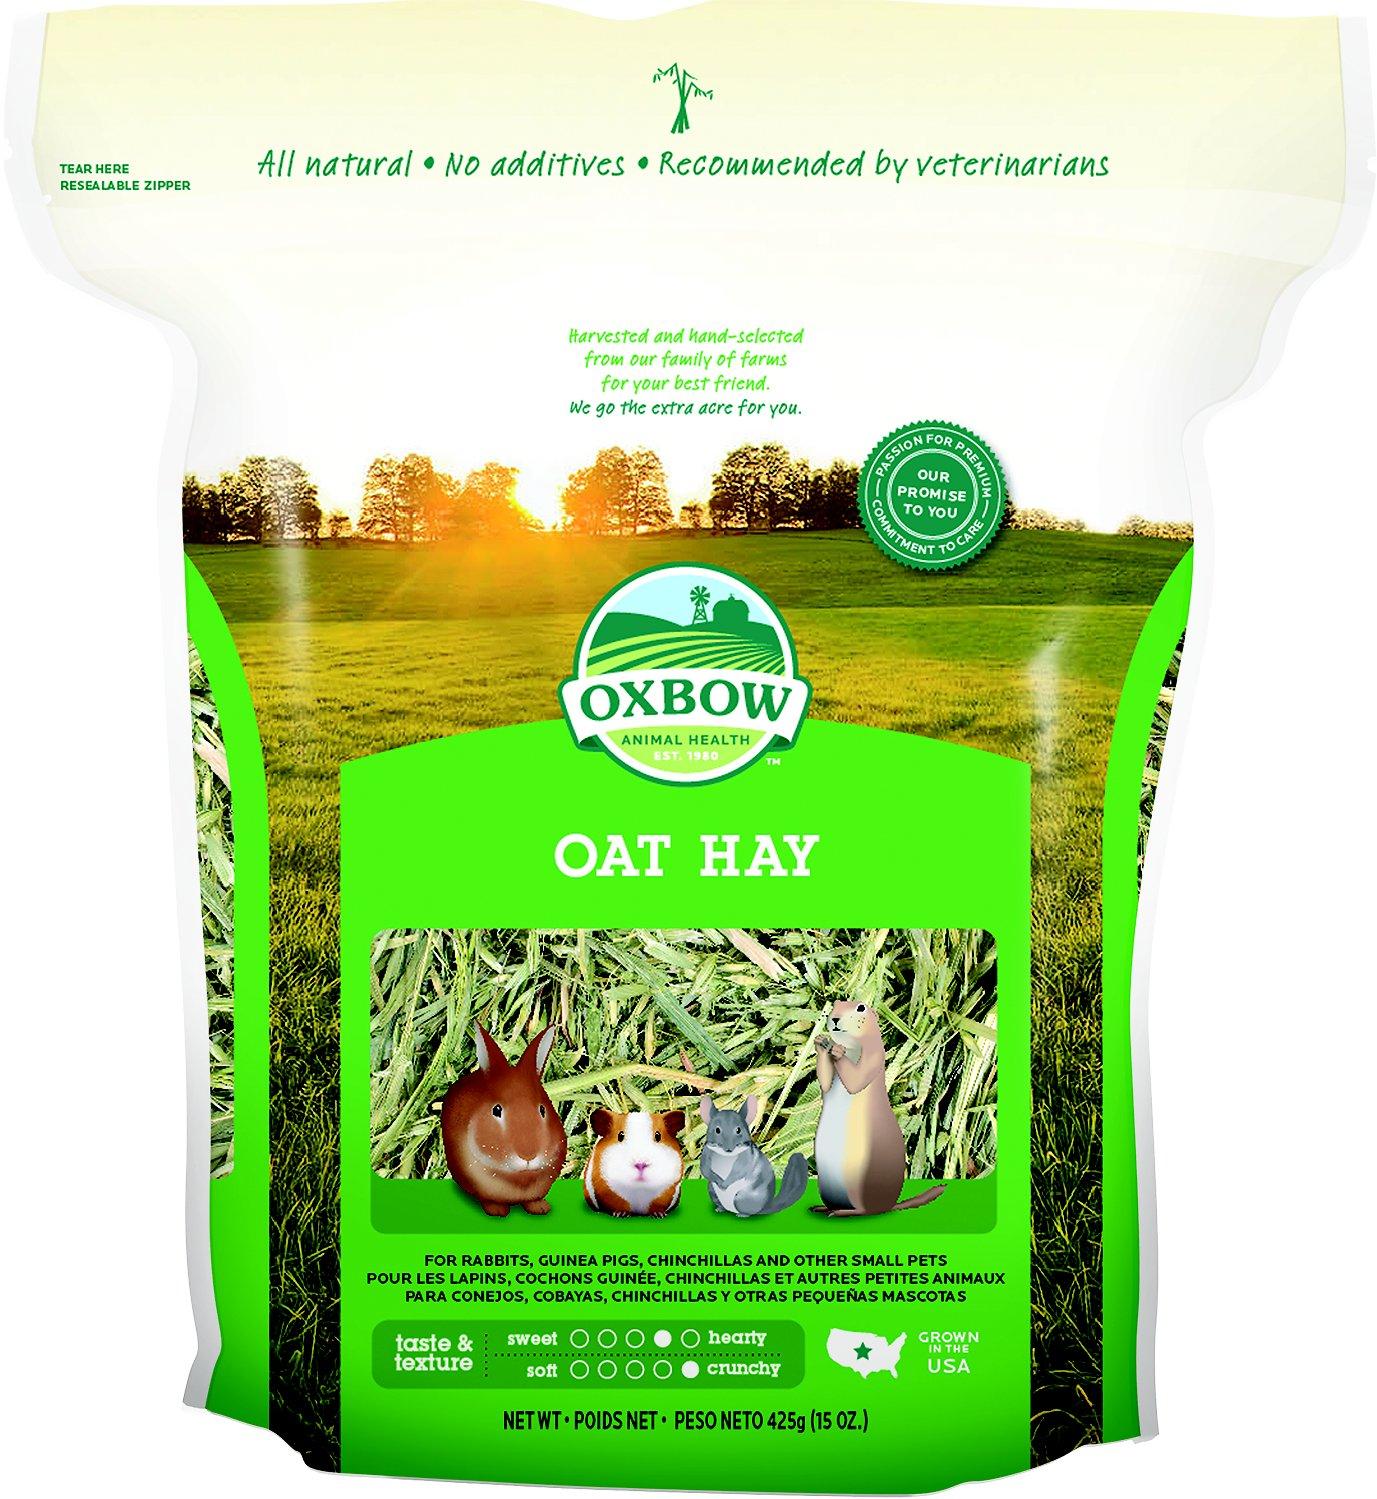 Oxbow Oat Hay Small Animal Food, 15-oz bag Image